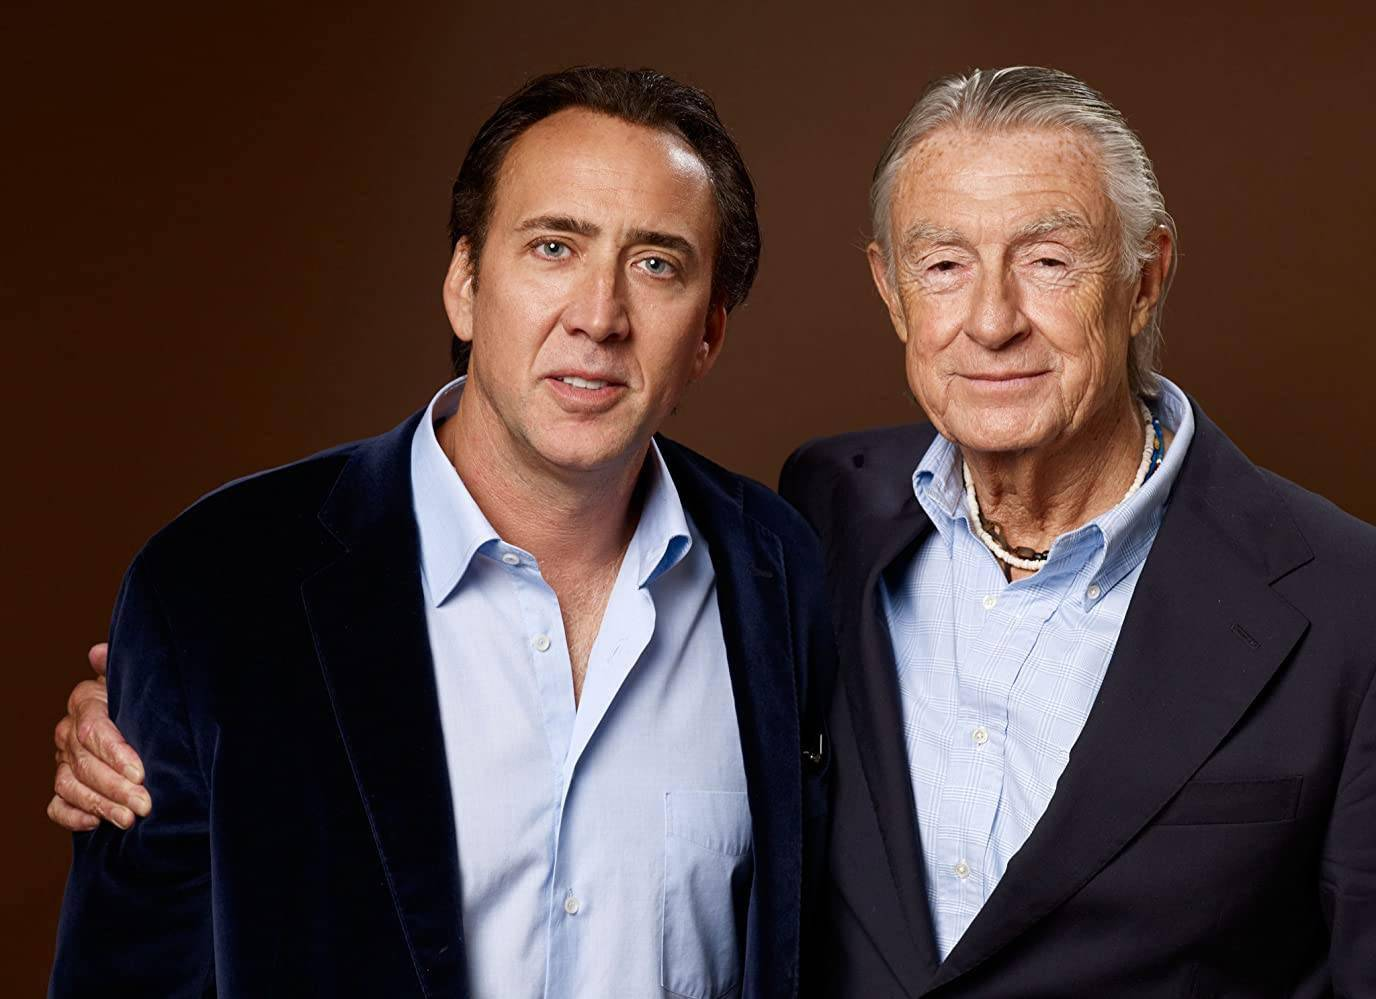 好莱坞大导乔·舒马赫病逝,曾与凯奇、施瓦辛格等合作